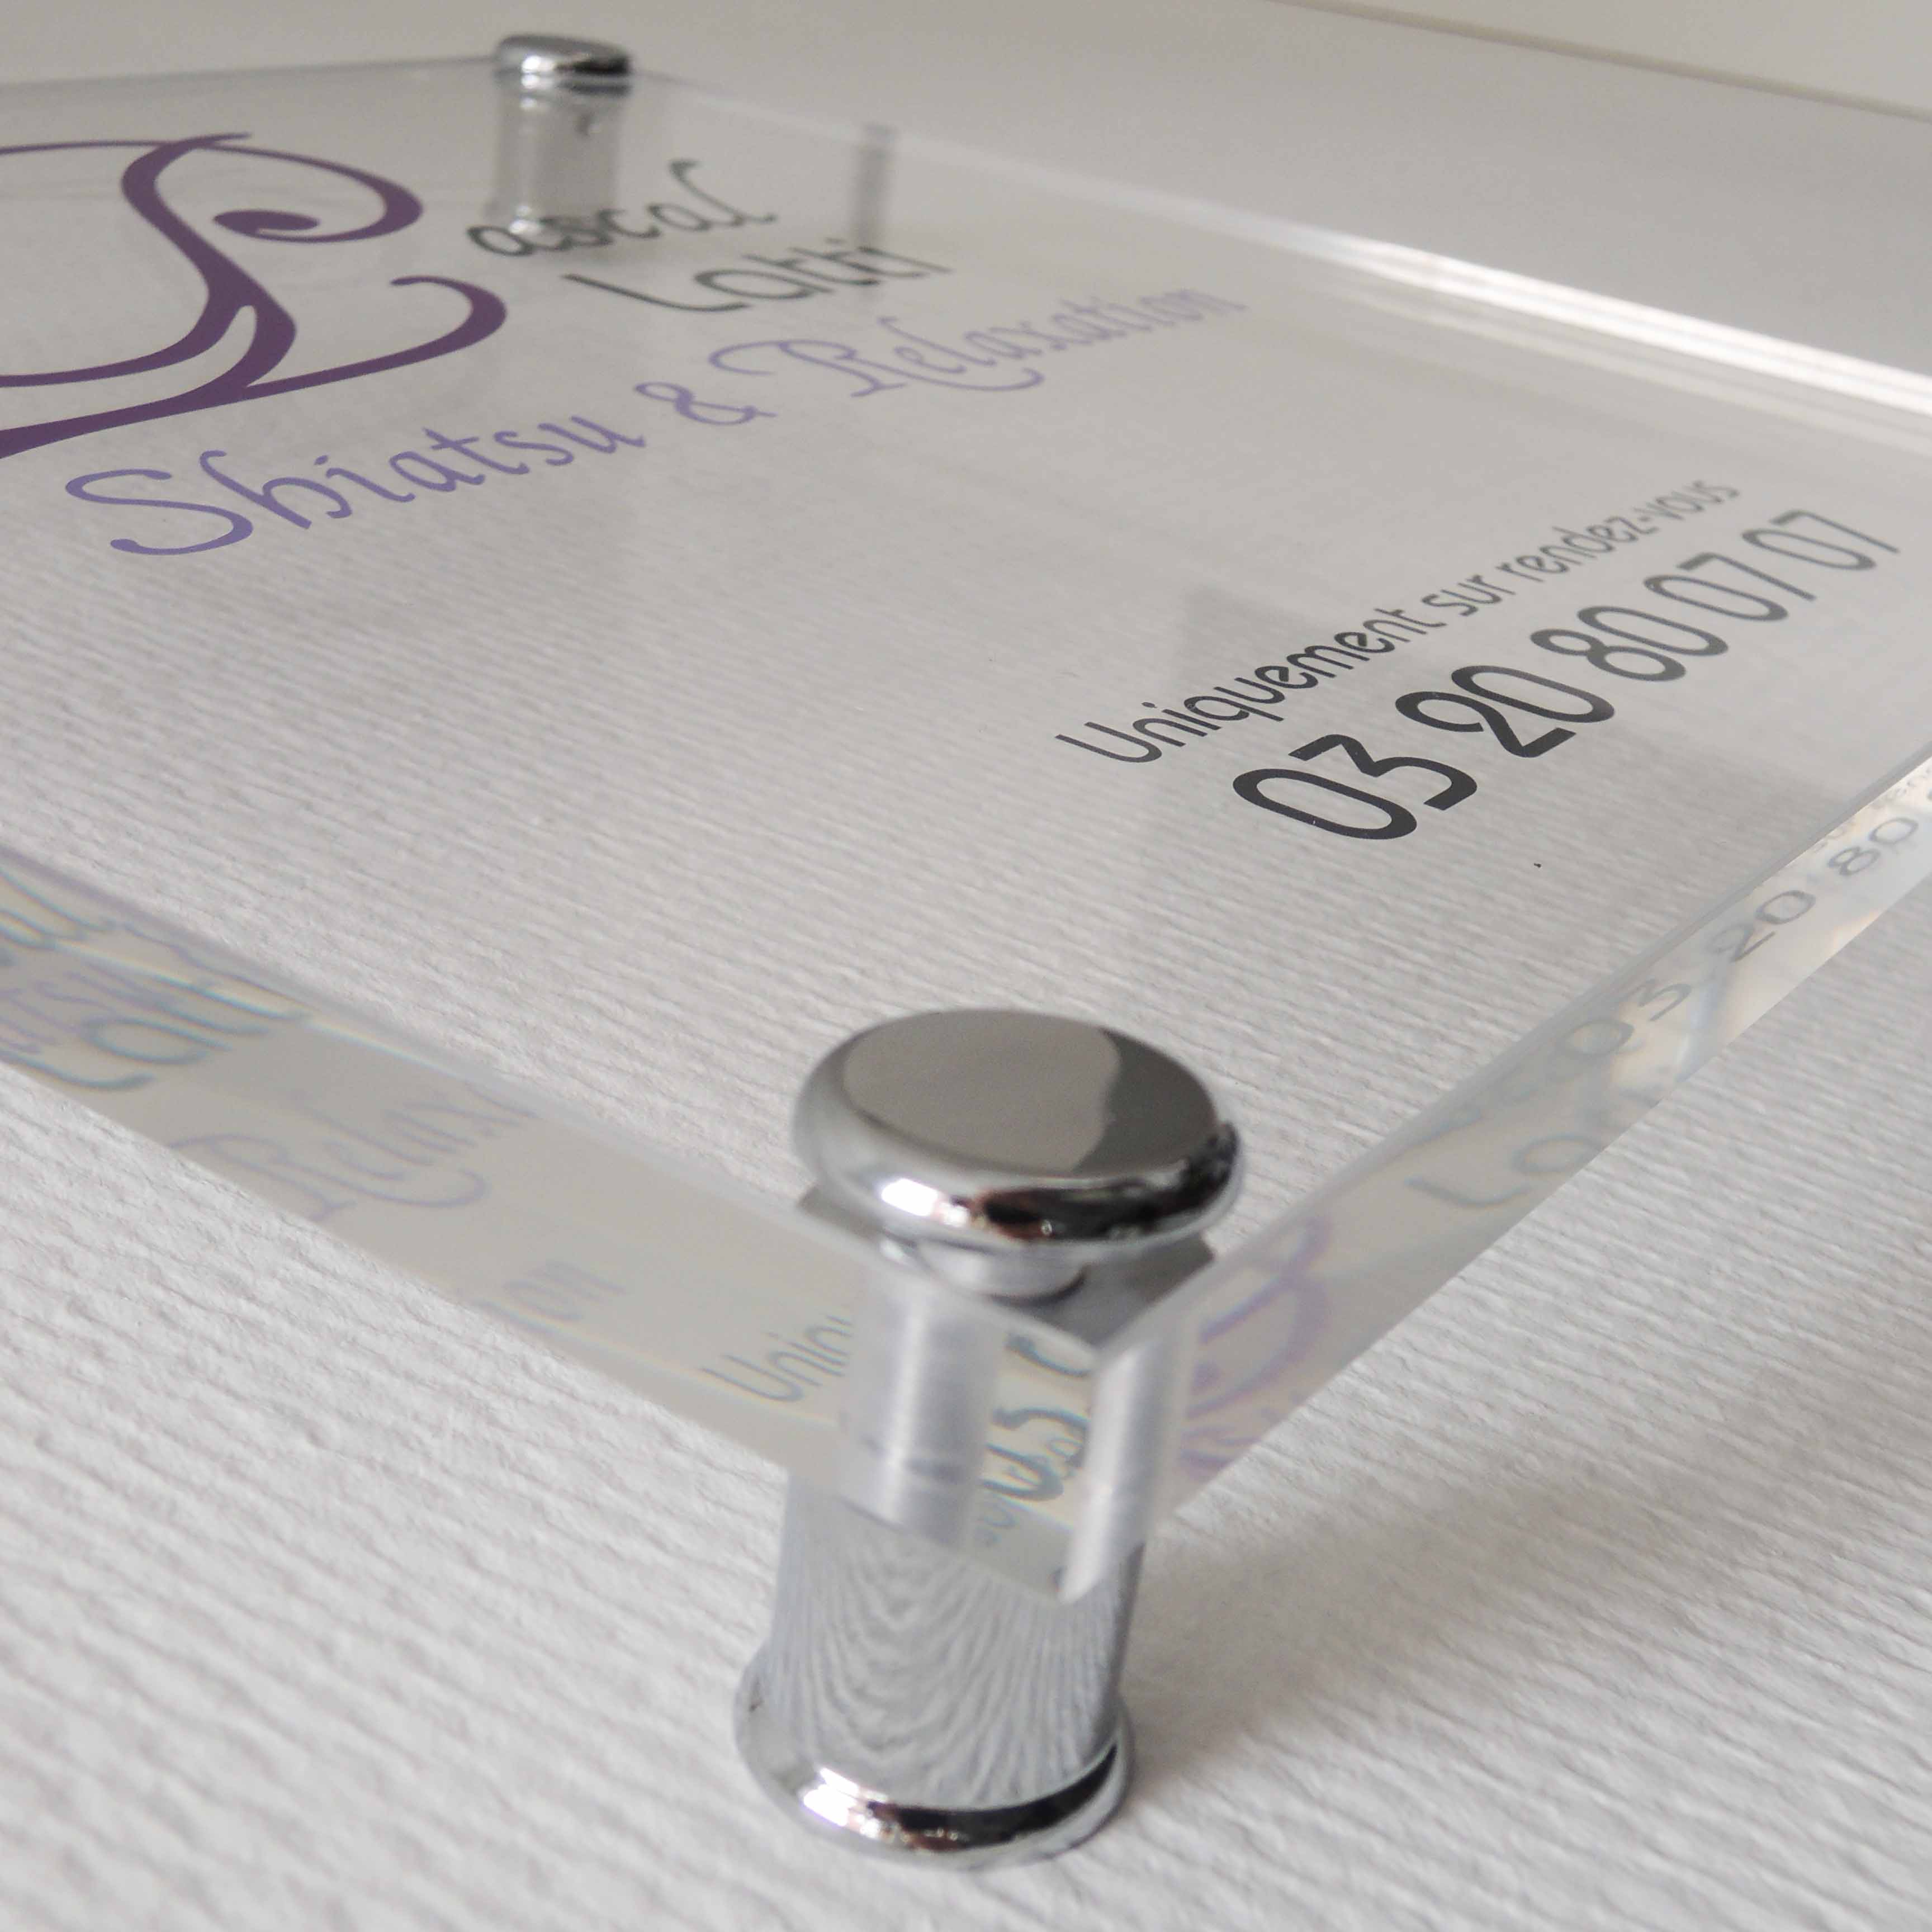 Les plaques professionnelles et plaques de soci t 4mepro for Plaque inox adhesive